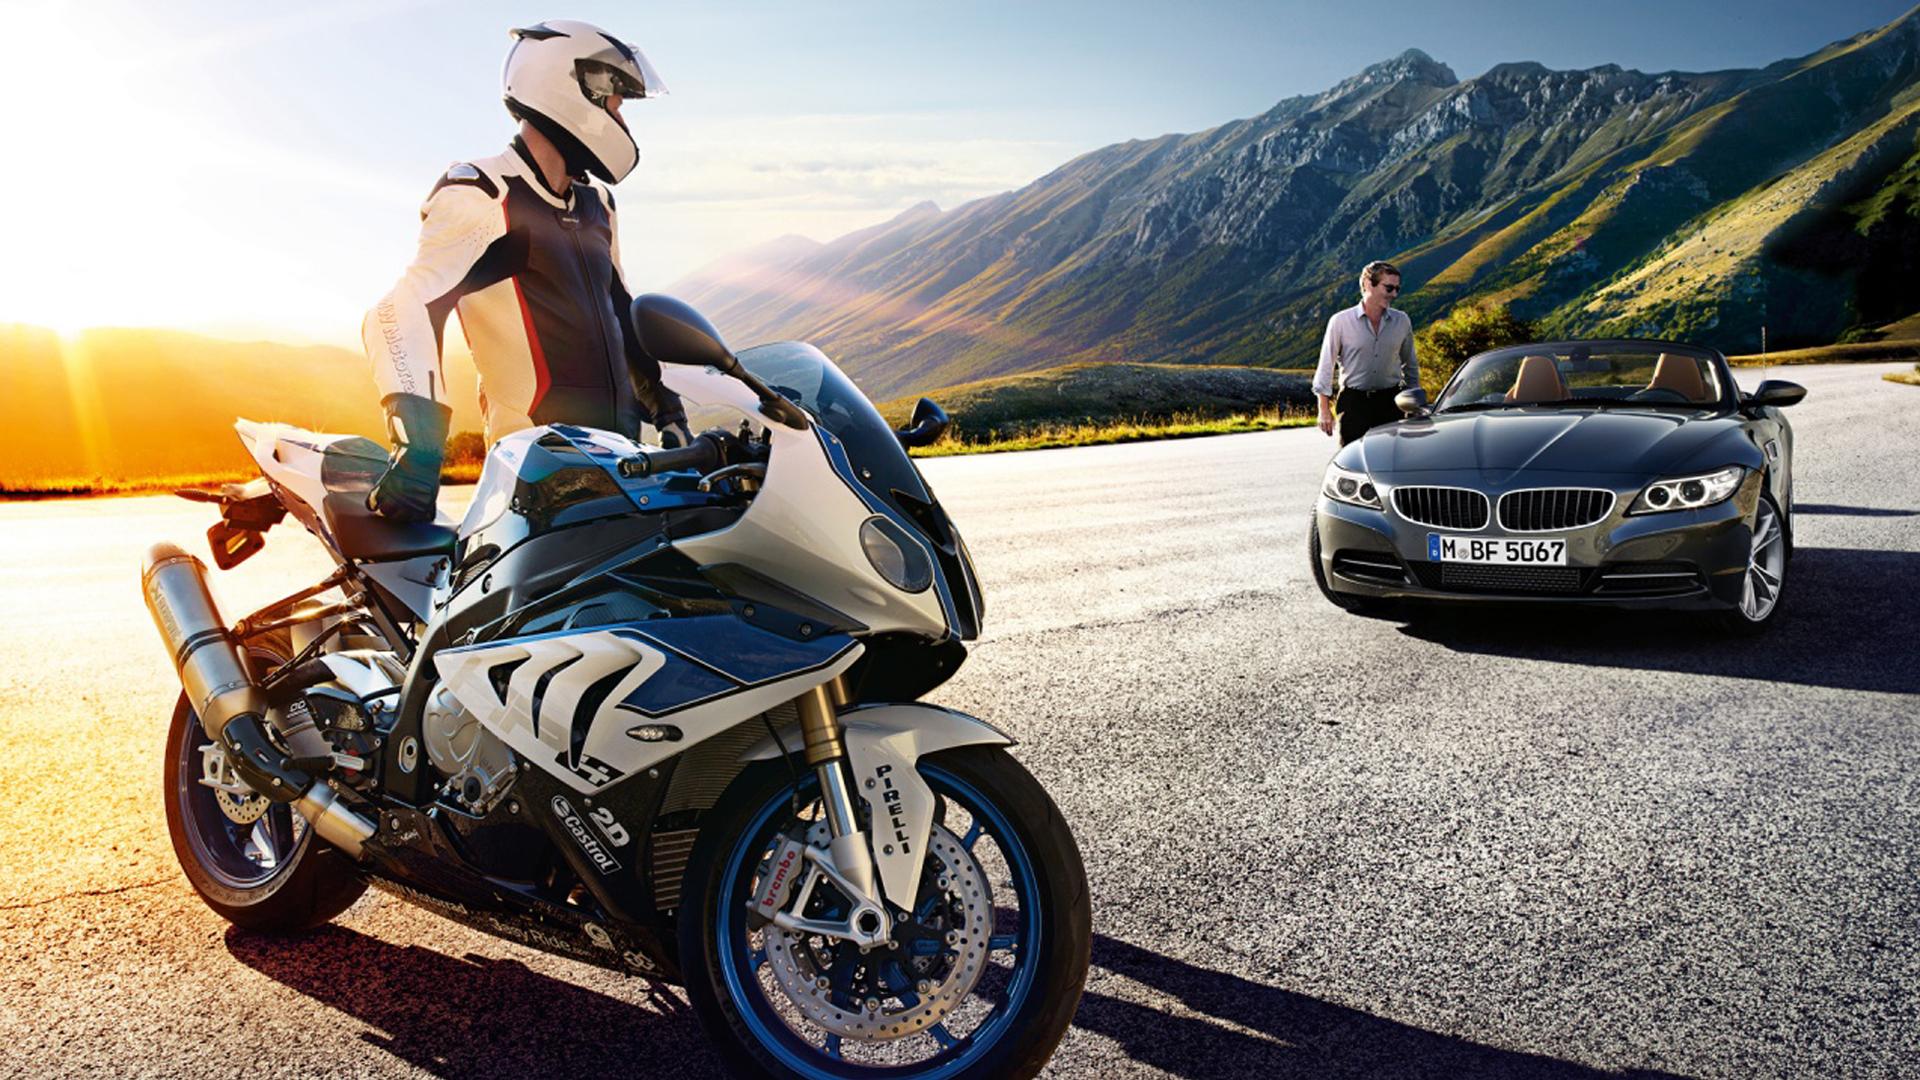 Las ventajas de tener una motocicleta